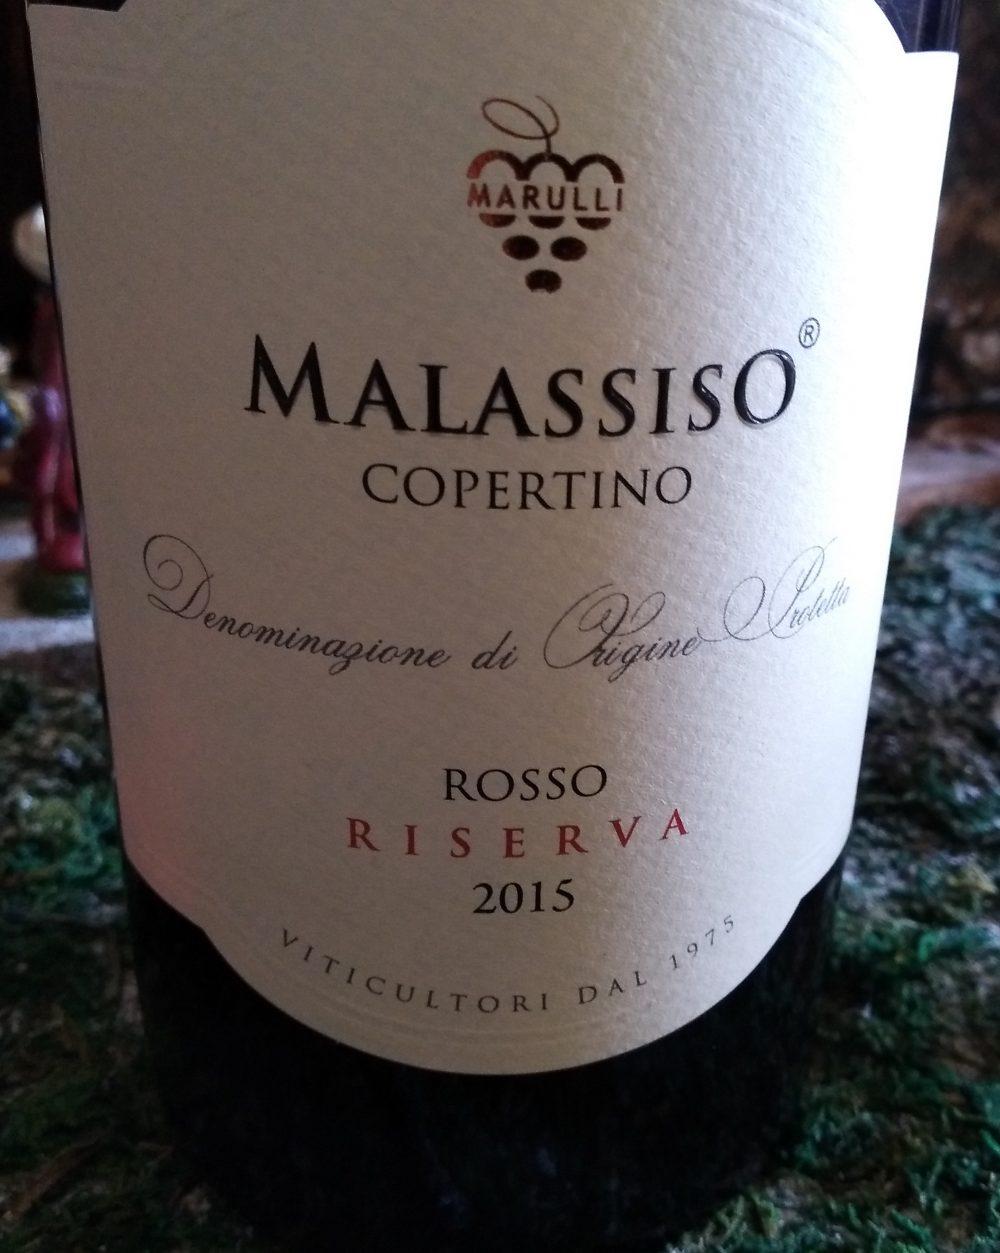 Malassiso Copertino Rosso Riserva Dop 2015 Marulli